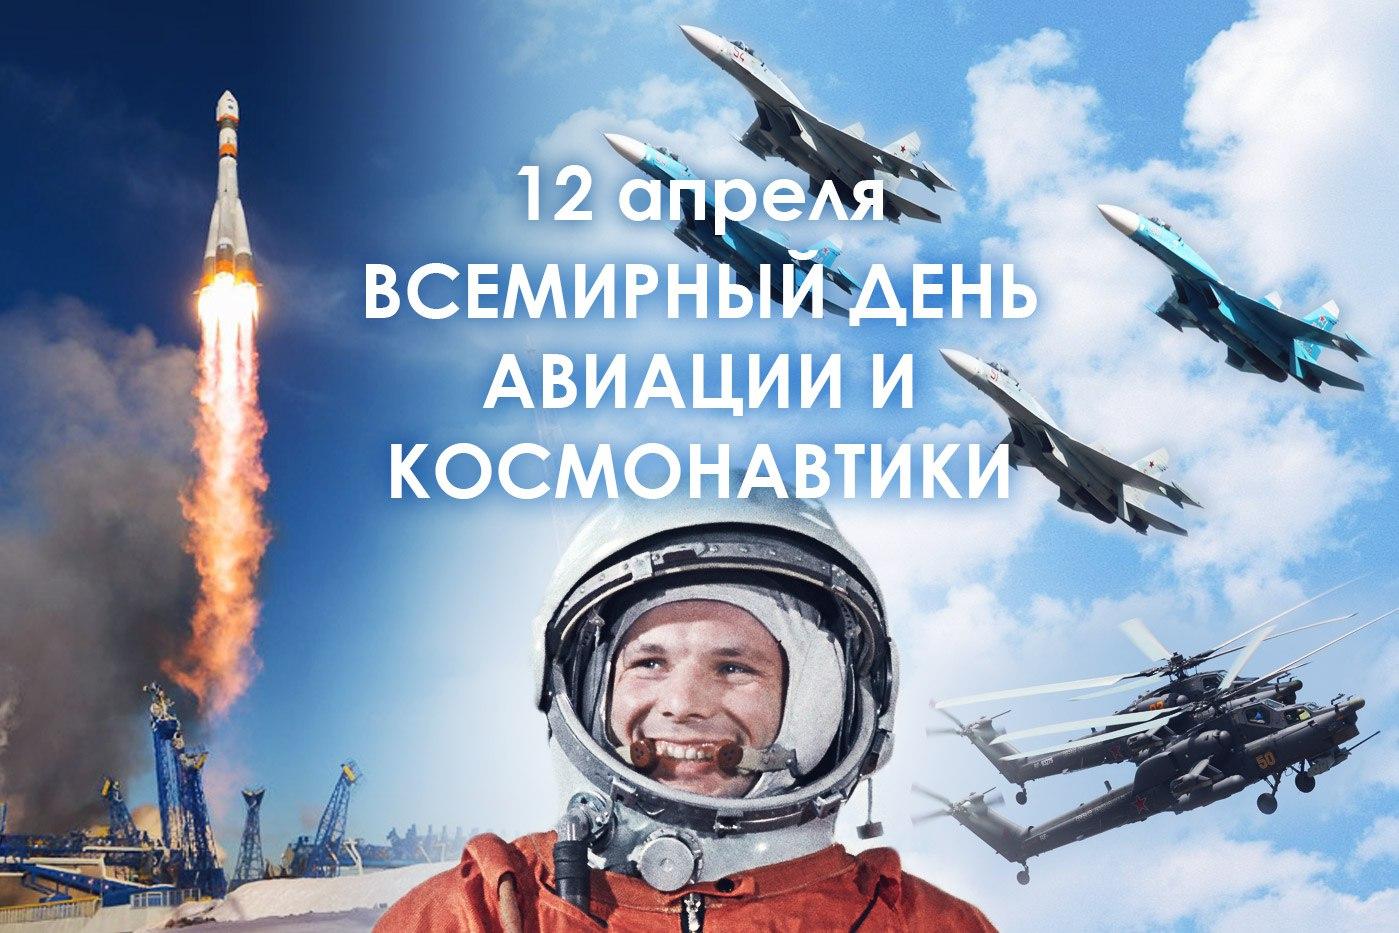 Картинки с 12 апреля с днем космонавтики, днем рождения именем